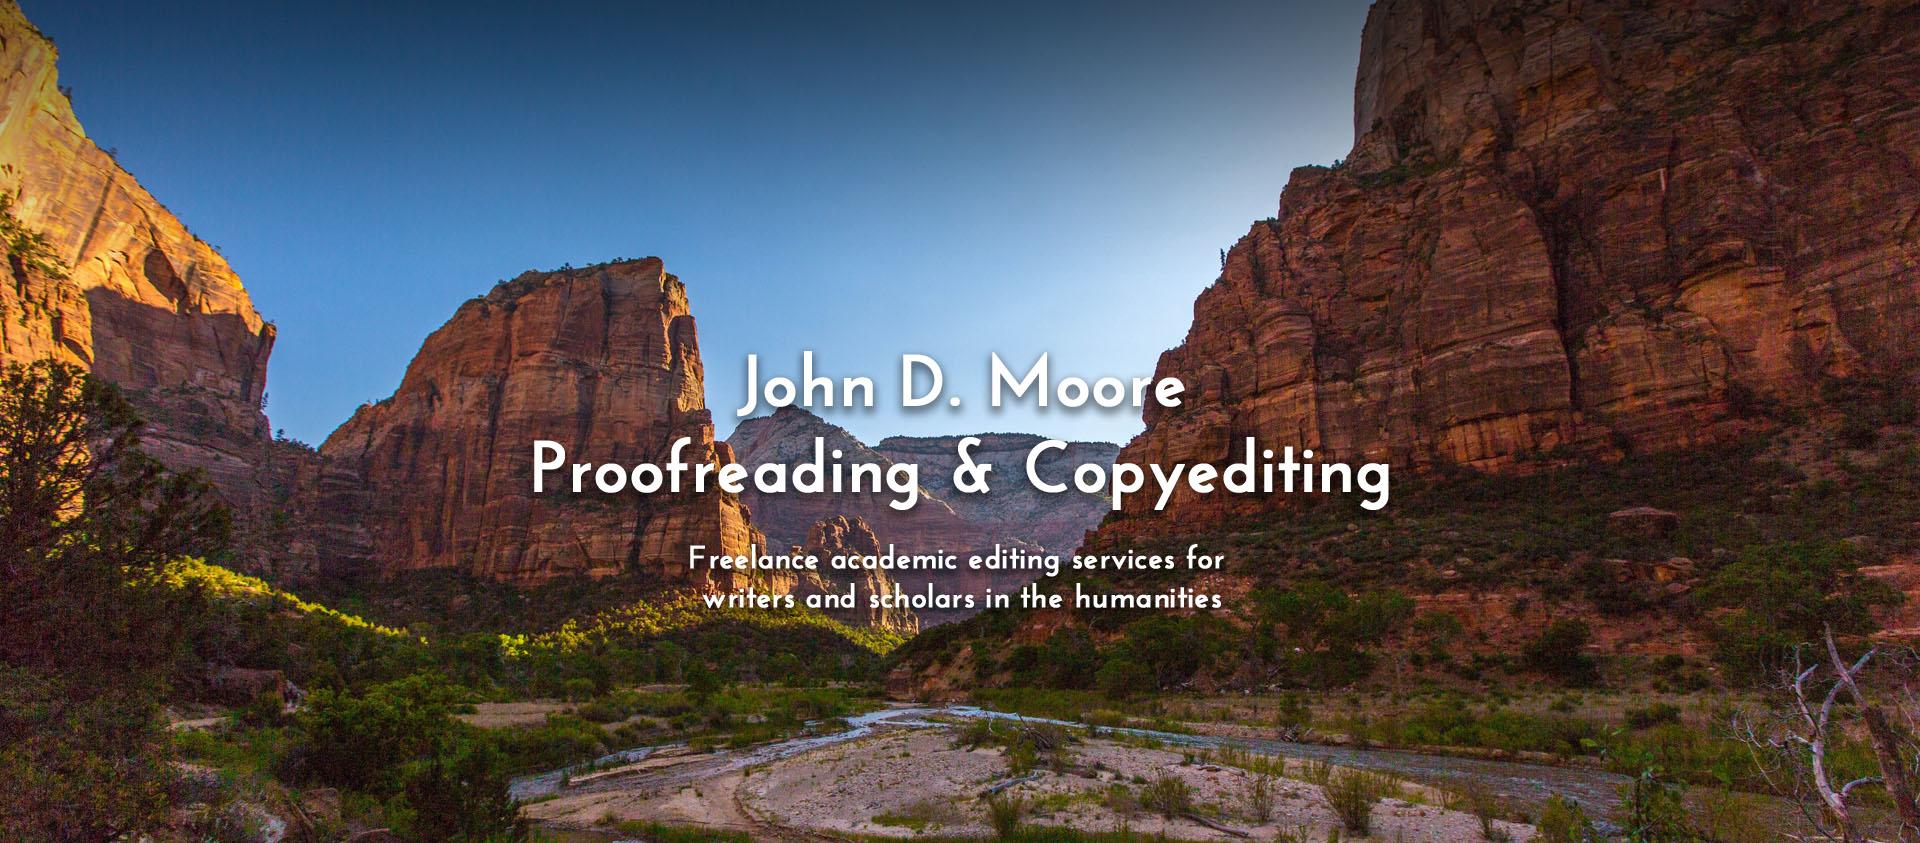 John D. Moore Proofreading & Copyediting